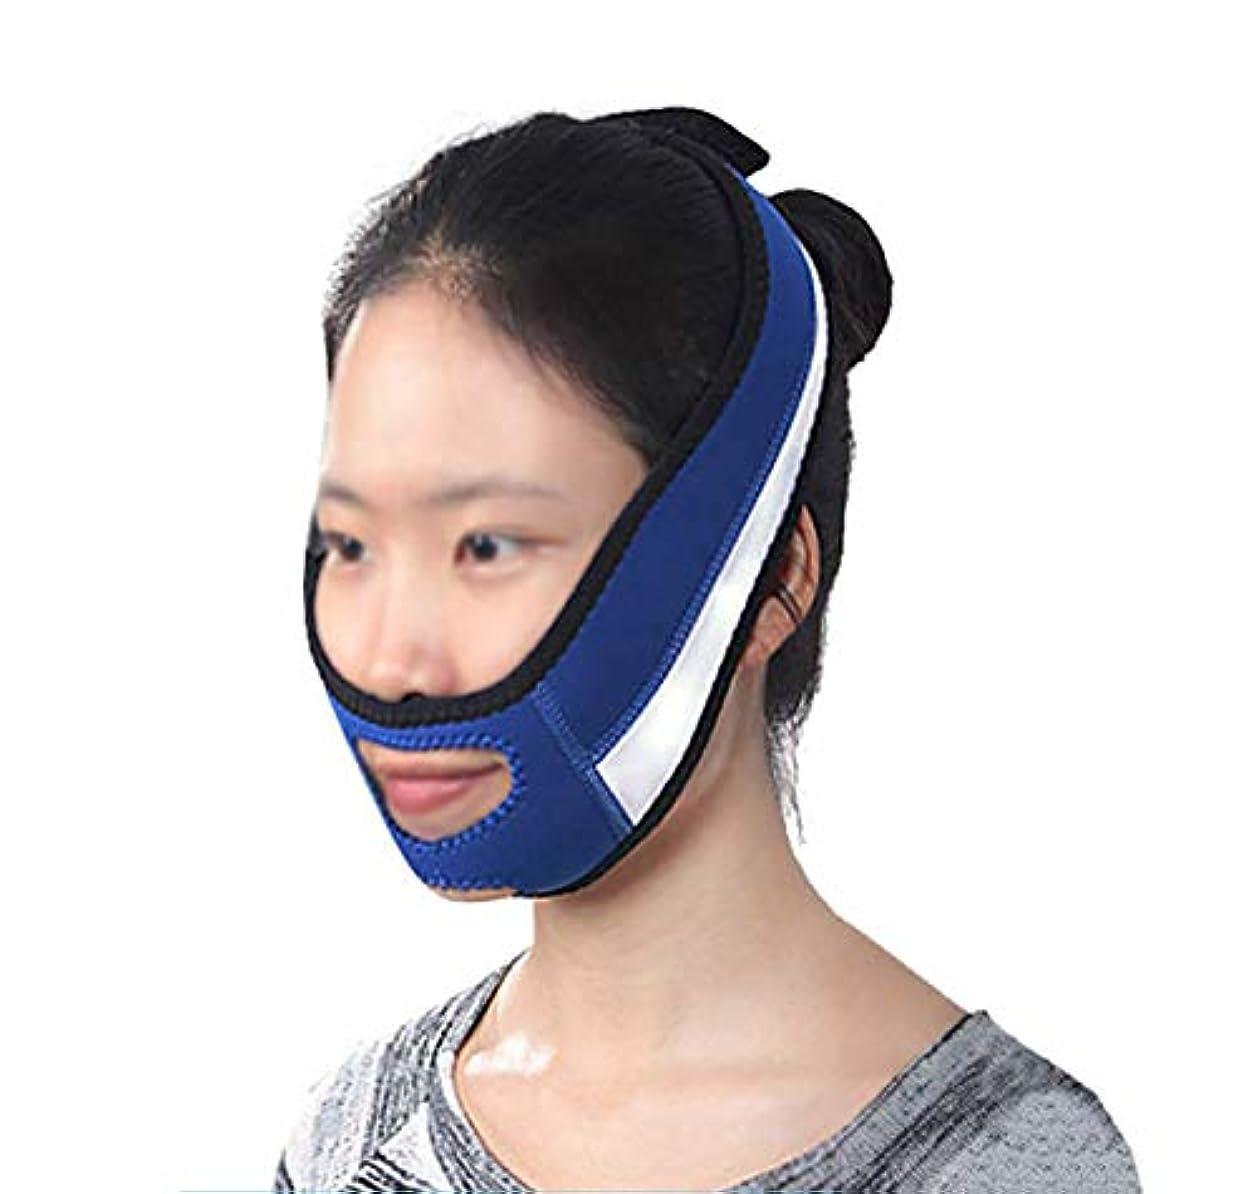 第三別れる性差別薄い顔包帯フェイススリム二重あごを取り除きますVラインフェイスシェイプを作成チンチークリフトアップアンチリンクルリフティングベルトフェイスマッサージツール女性と女の子